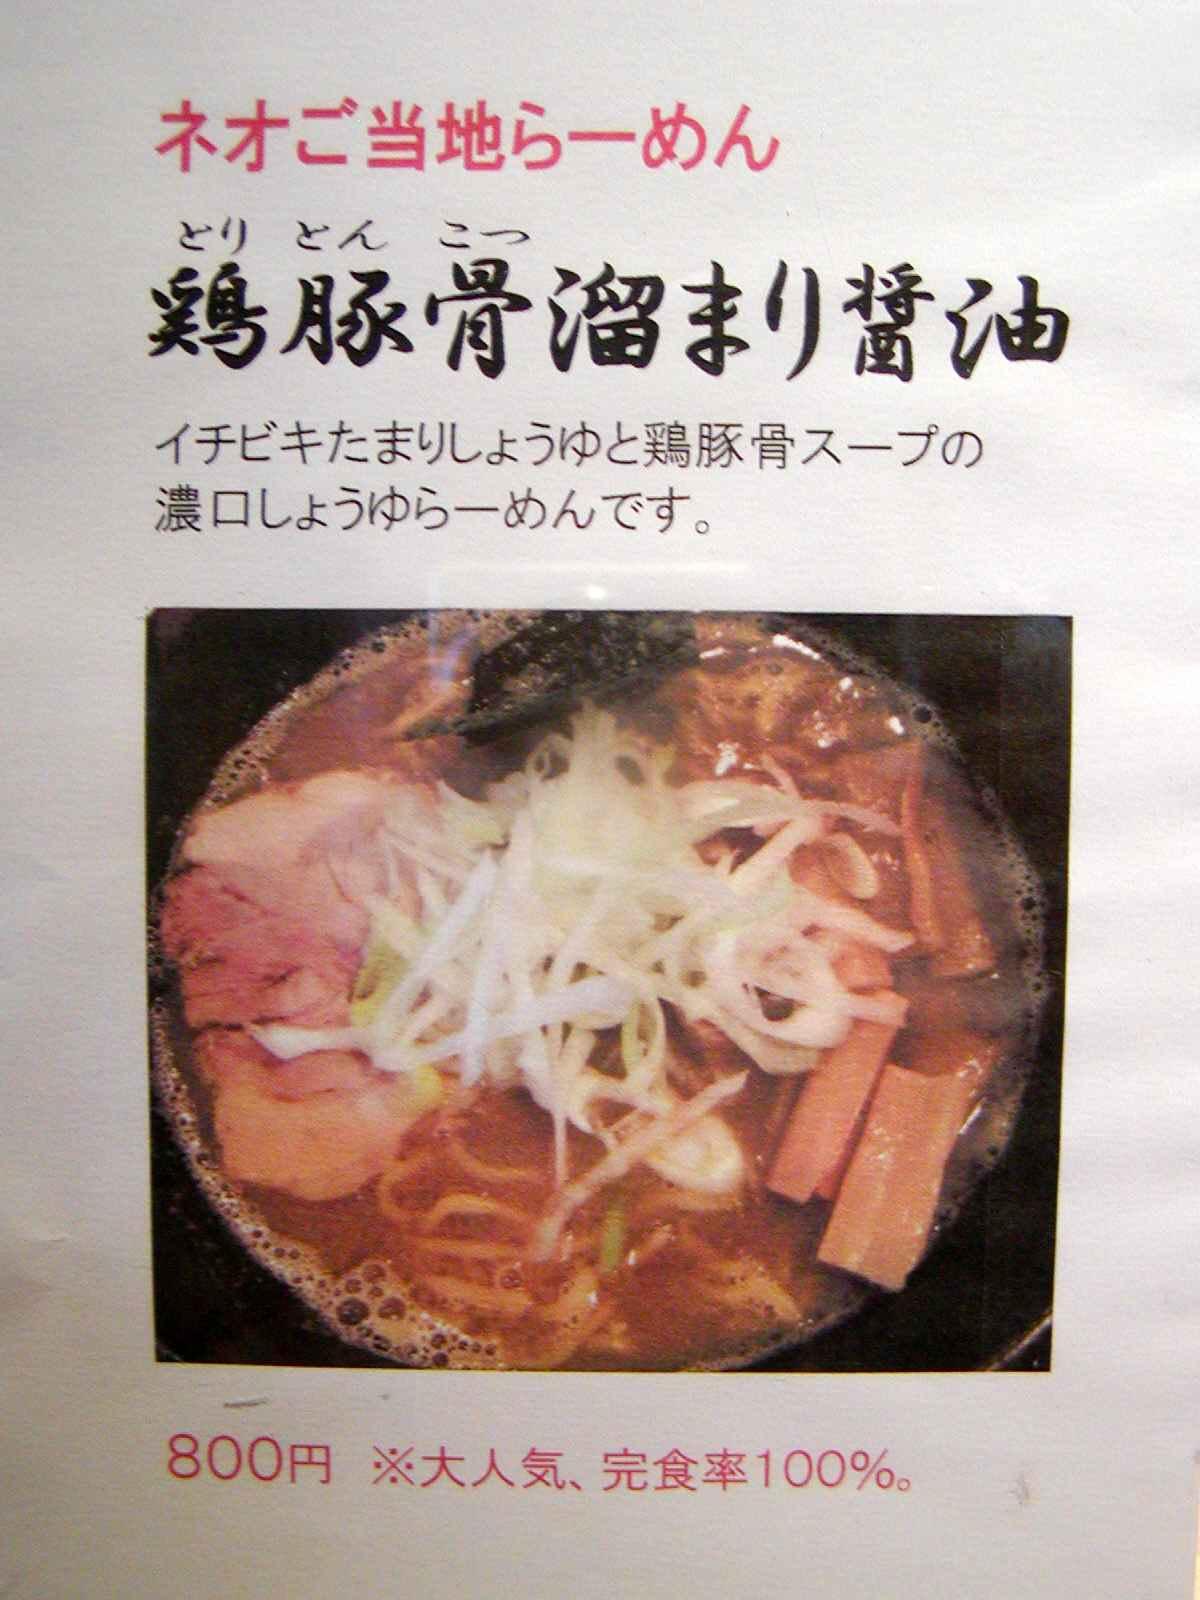 らぁめん専門店 さかなや【鶏豚骨溜まり醤油】 @愛知県豊橋市